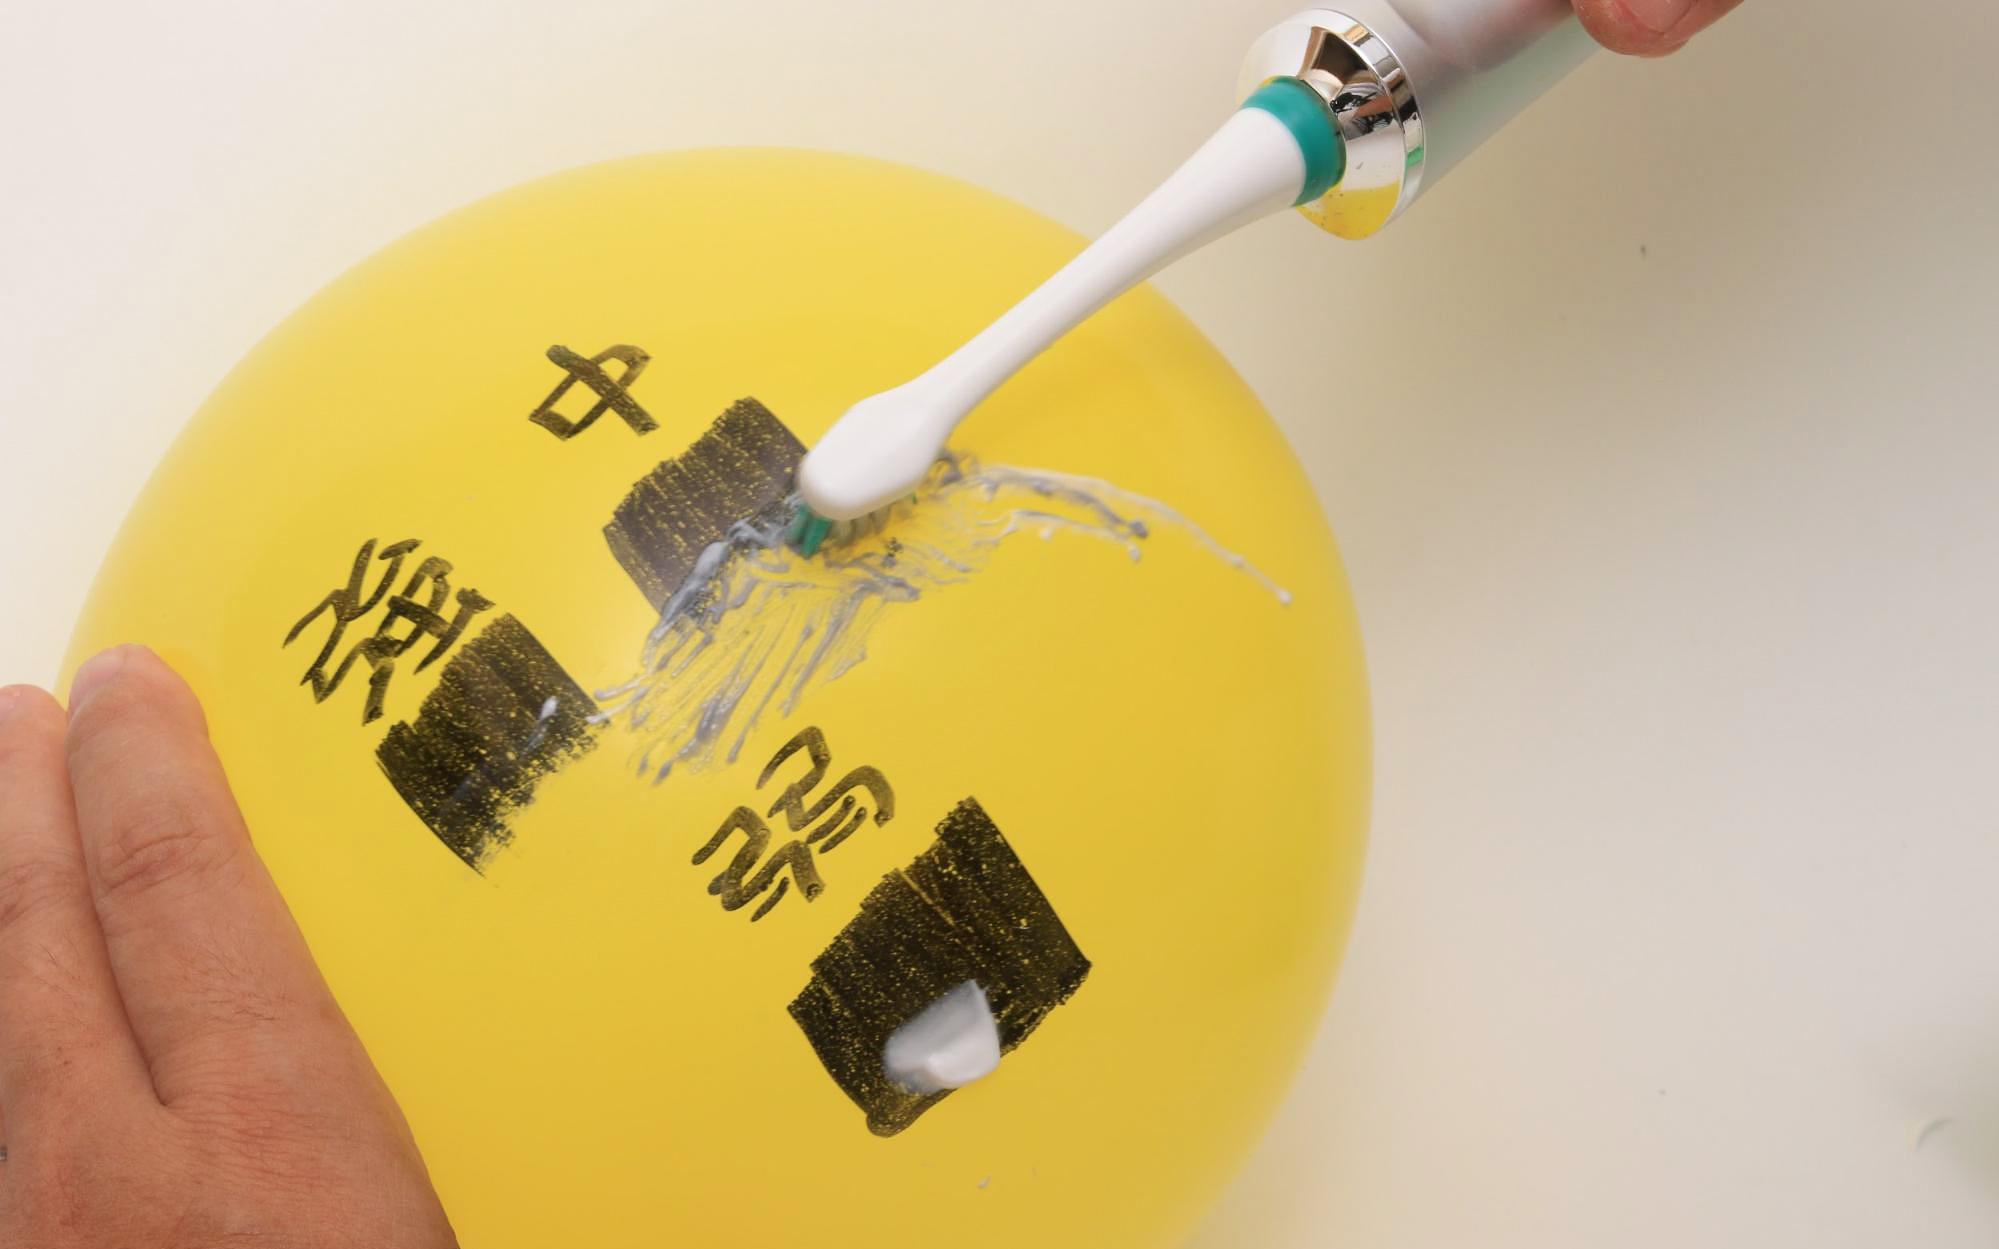 適度に押さえても、きれいに油性マジックが消え、風船が割れなかった